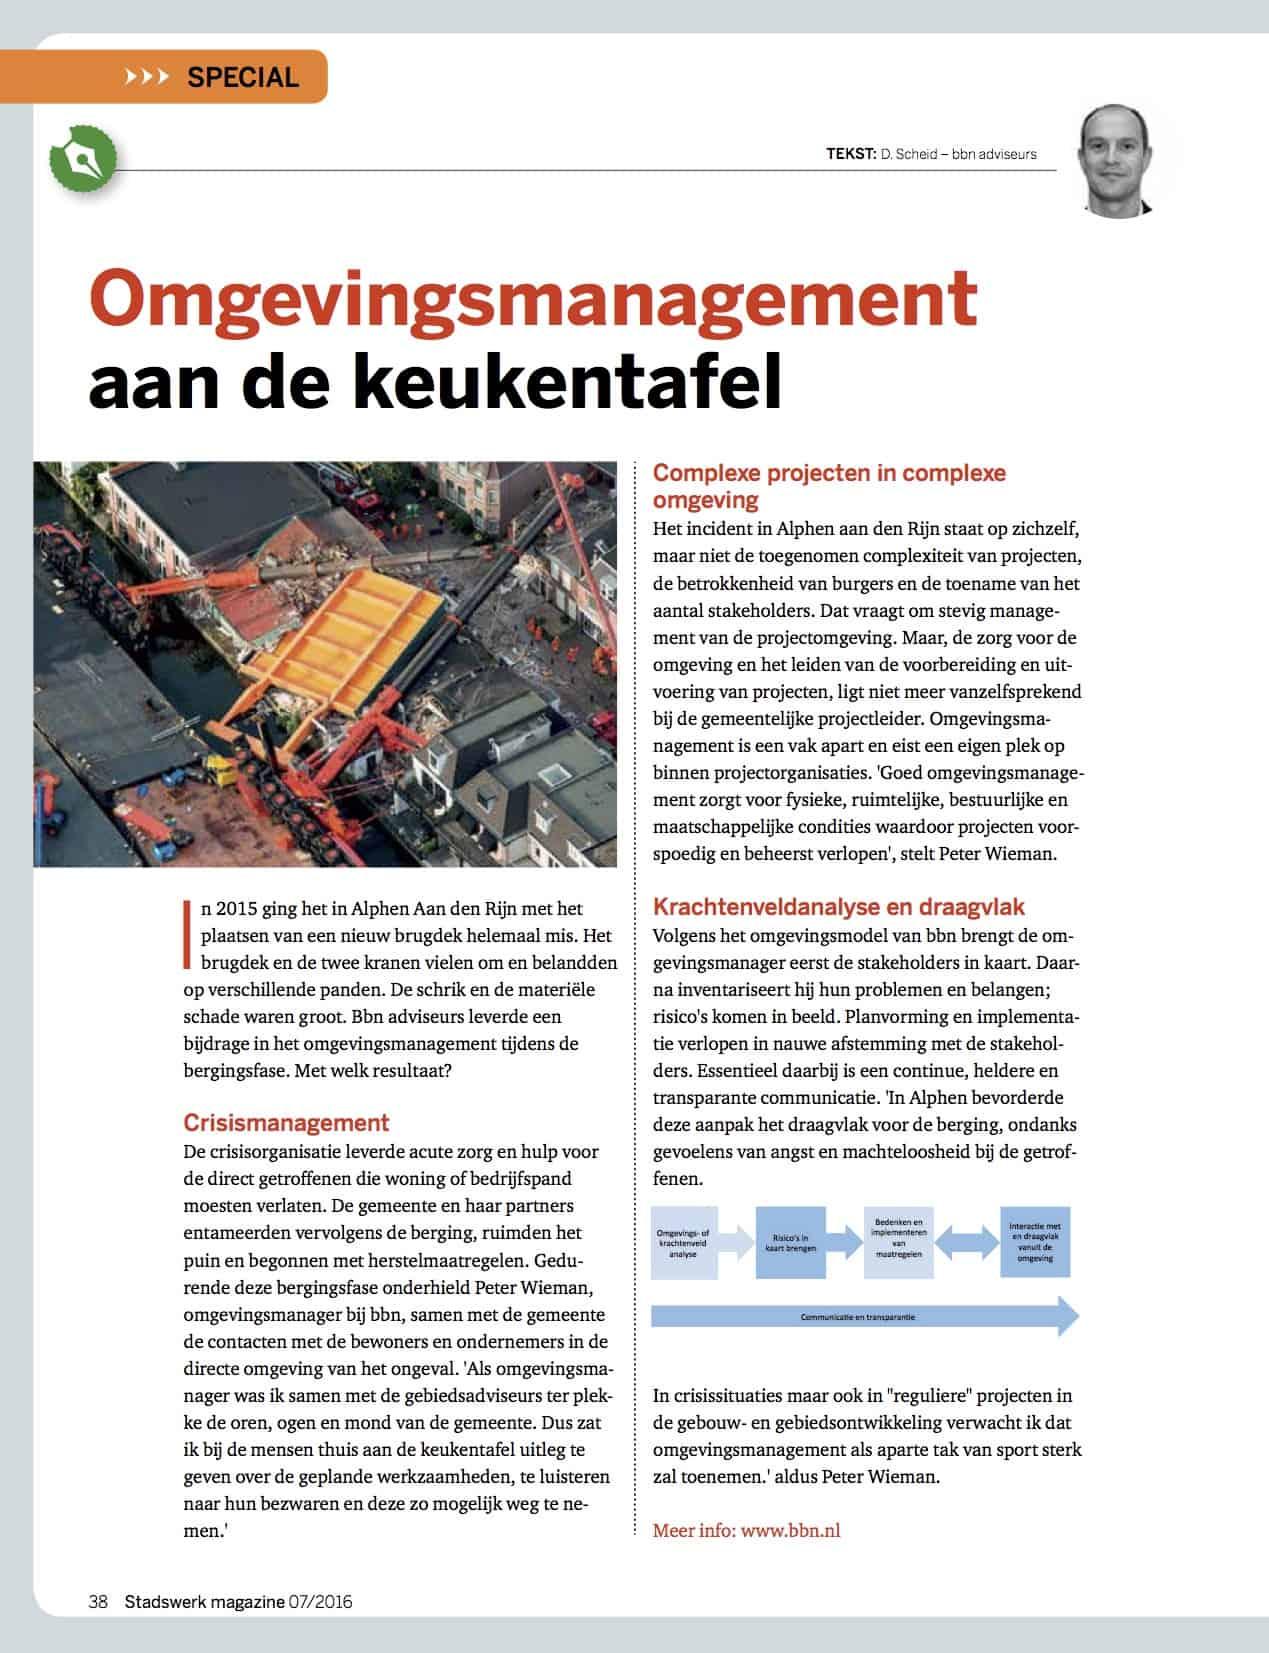 Omgevingsmanagement aan de keukentafel, Stadswerk Magazine